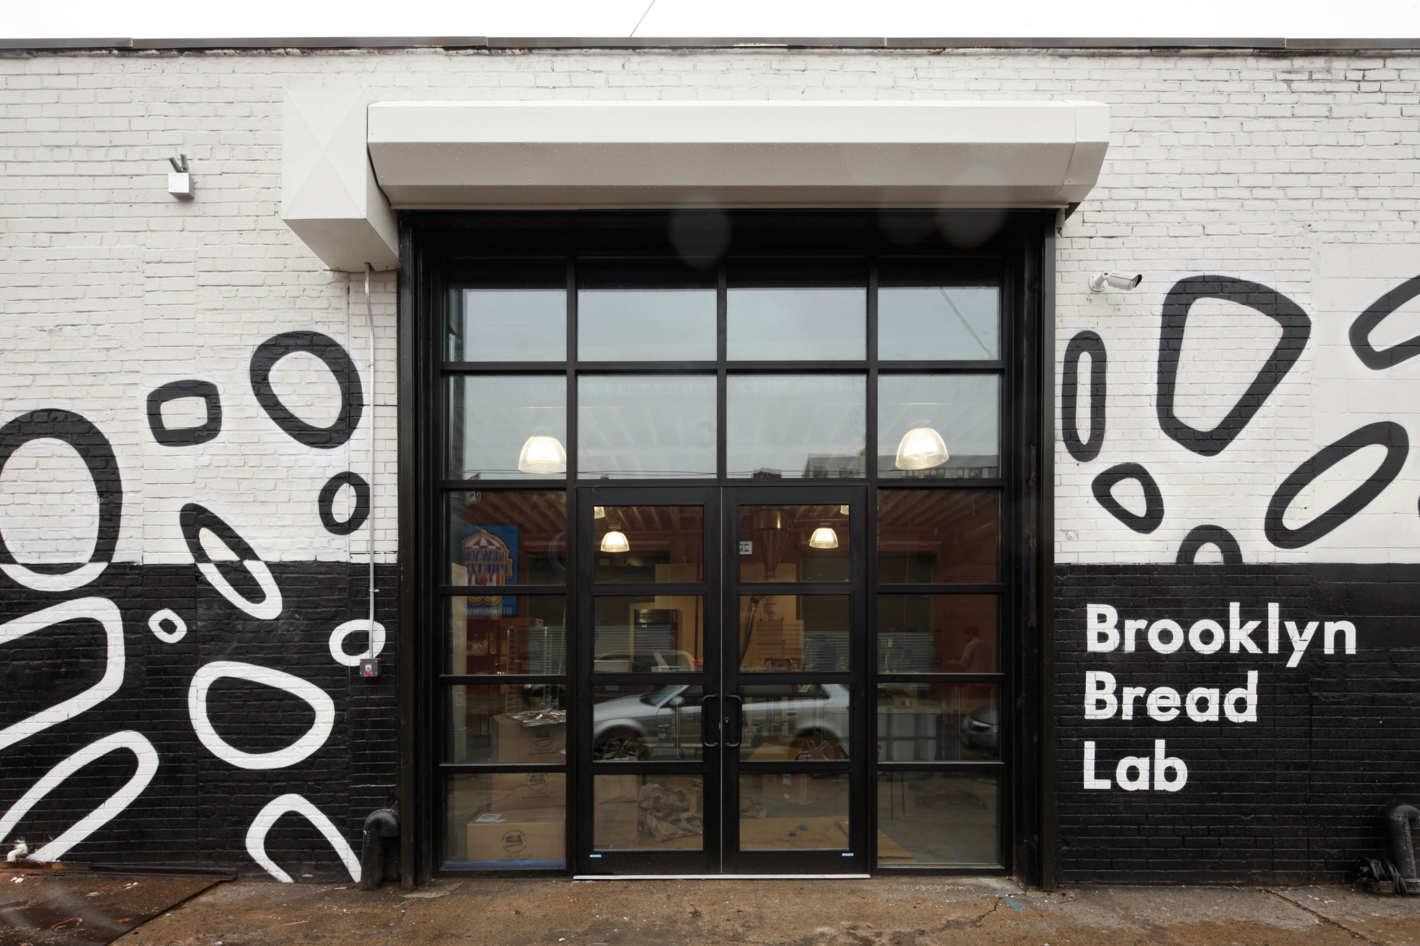 , Brooklyn Bread Lab, AMERICAN ACADEMY OF HOSPITALITY SCIENCES